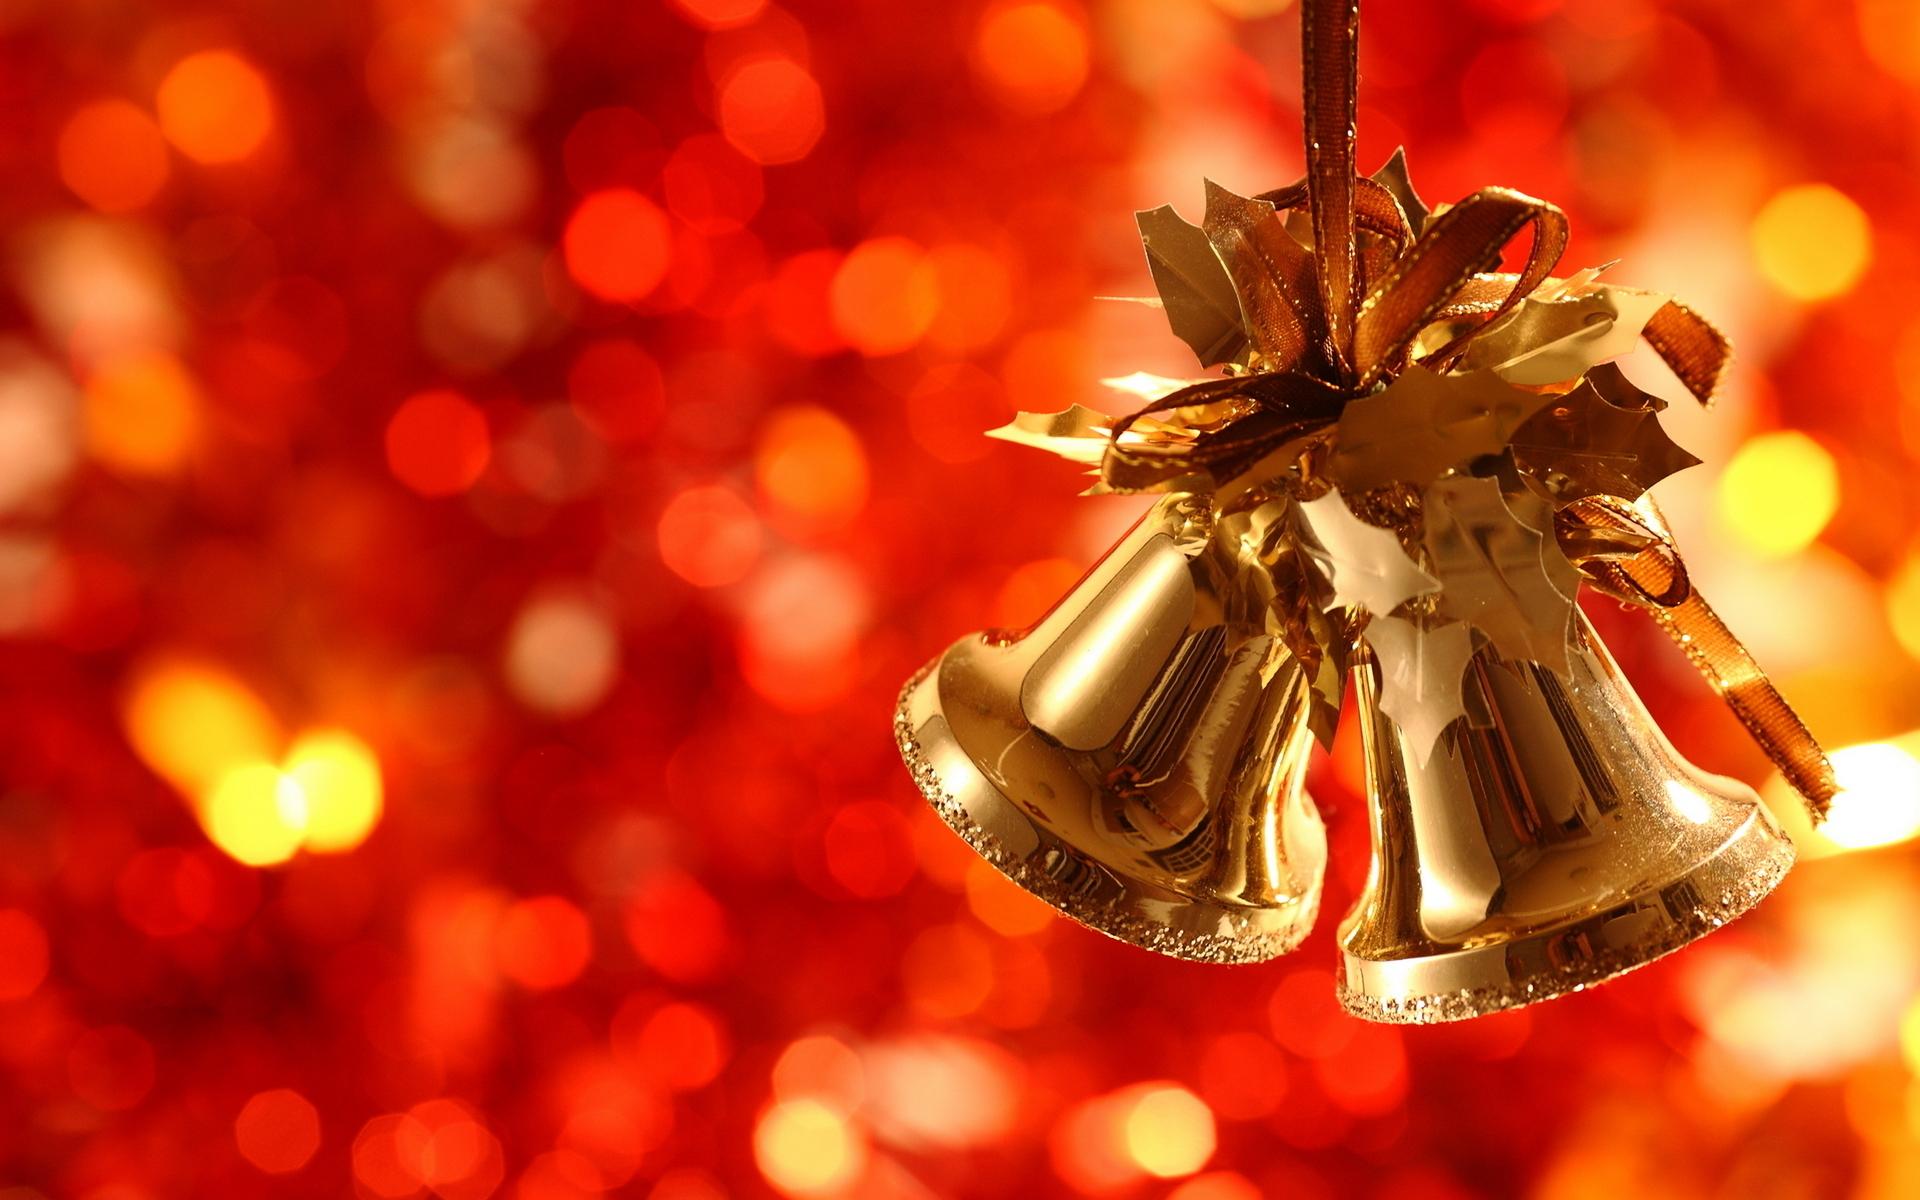 15573 скачать обои Праздники, Новый Год (New Year), Рождество (Christmas, Xmas), Колокольчики - заставки и картинки бесплатно